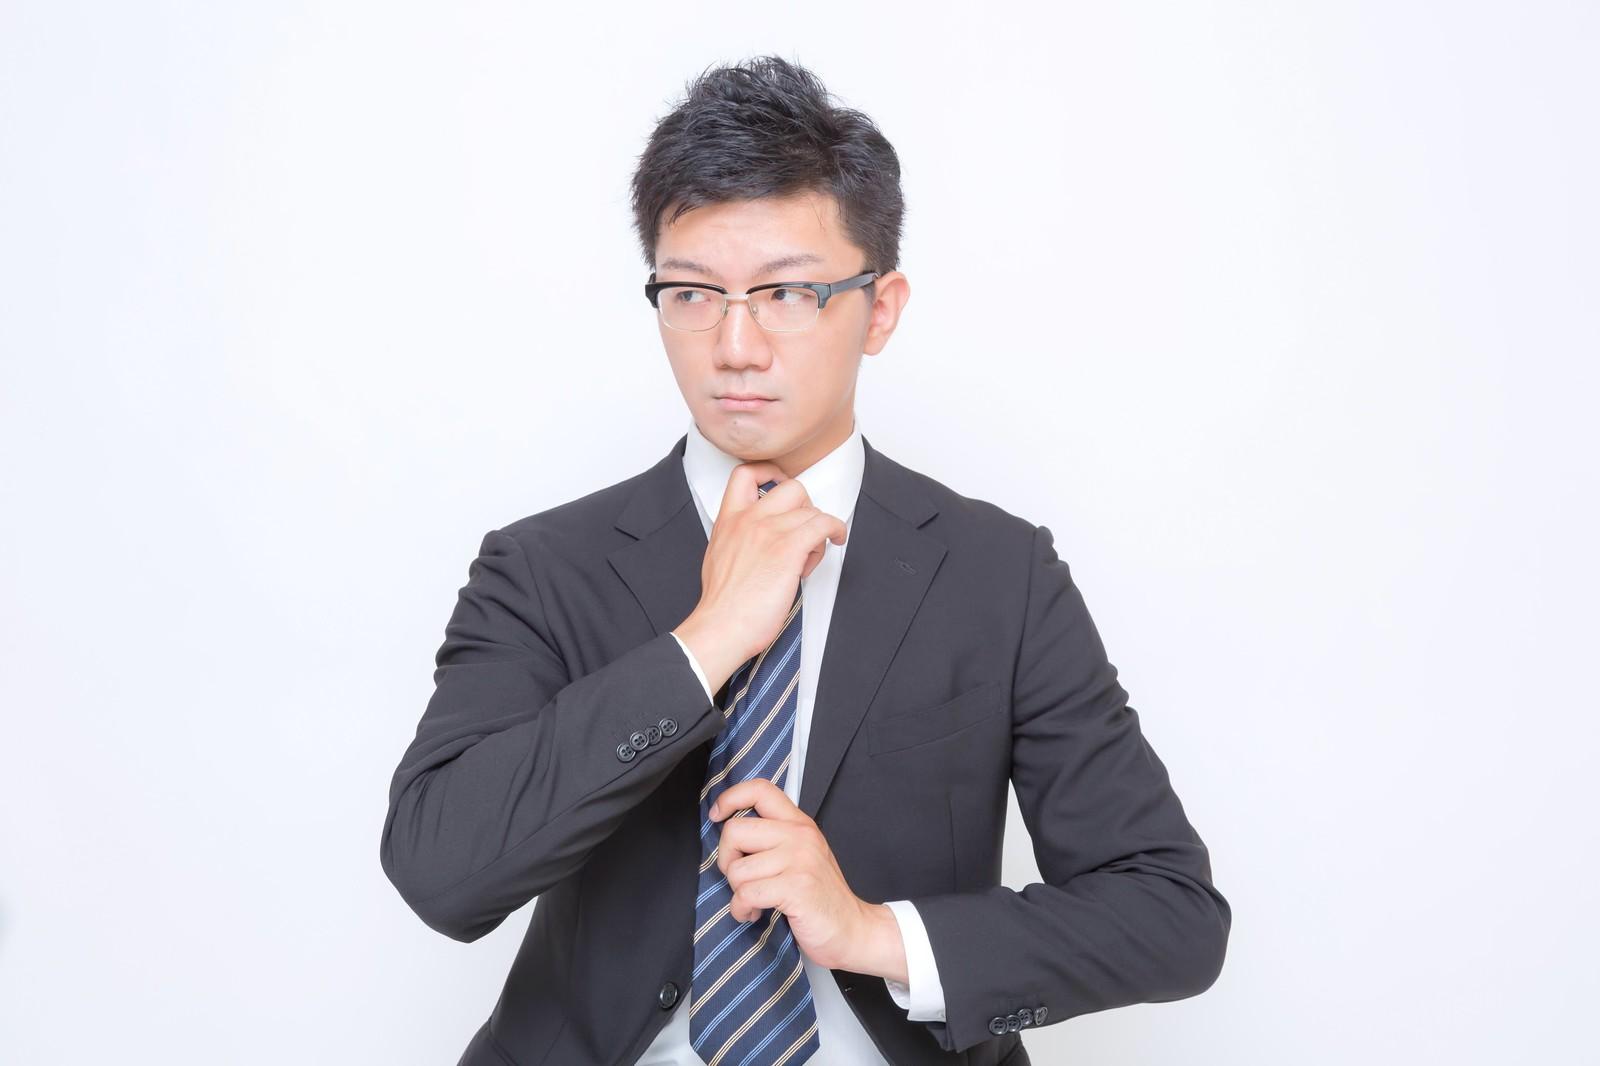 OZP85_nekutaiwoshimenaosu_TP_V